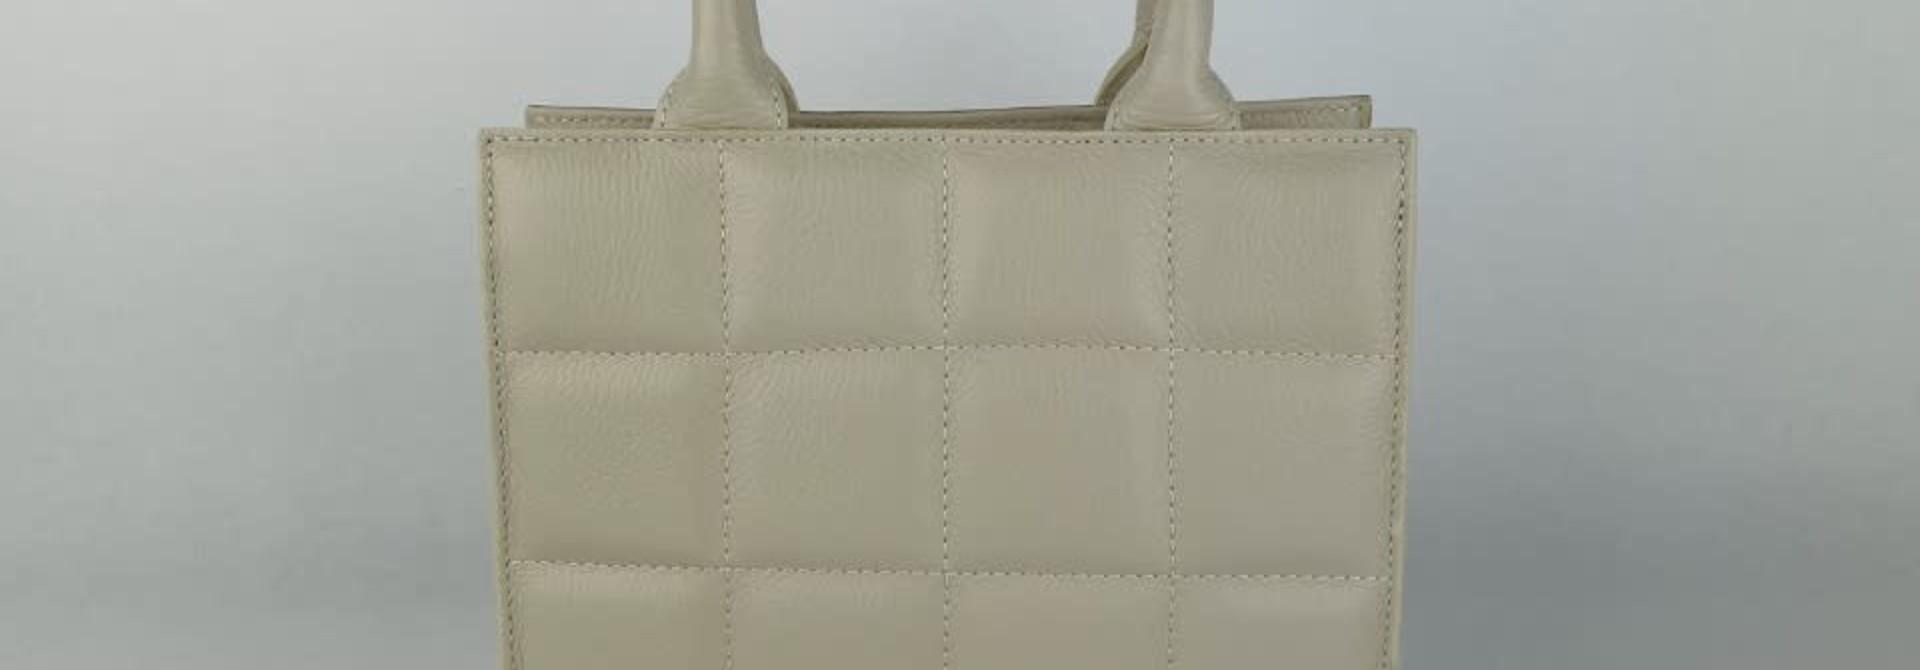 Metora leather bag Broken White